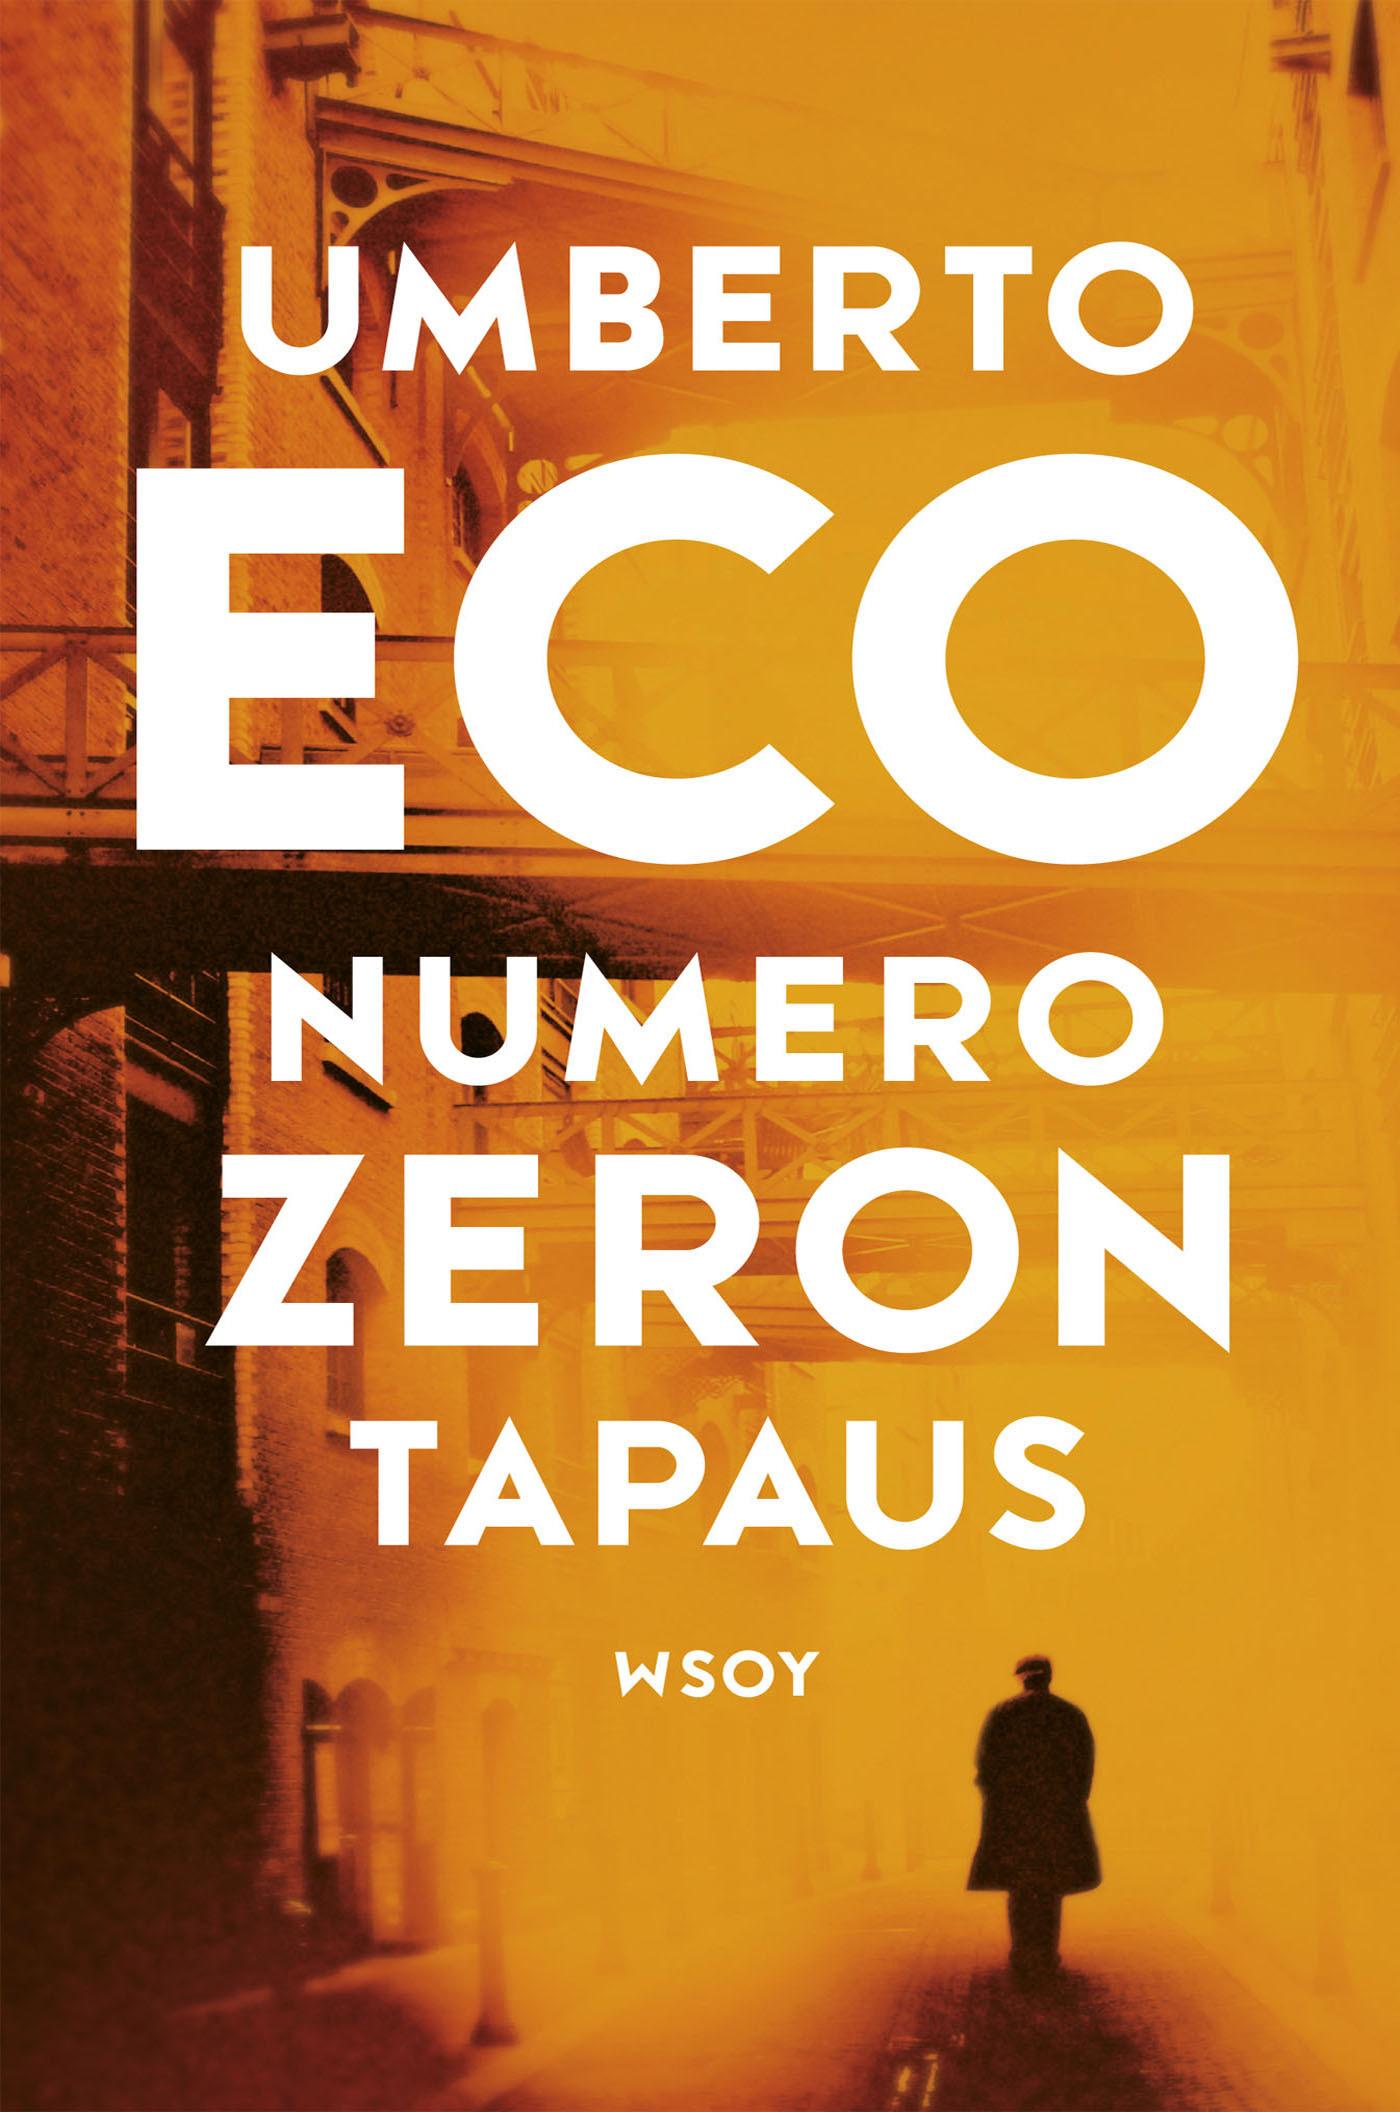 Eco, Umberto - Numero Zeron tapaus, e-kirja